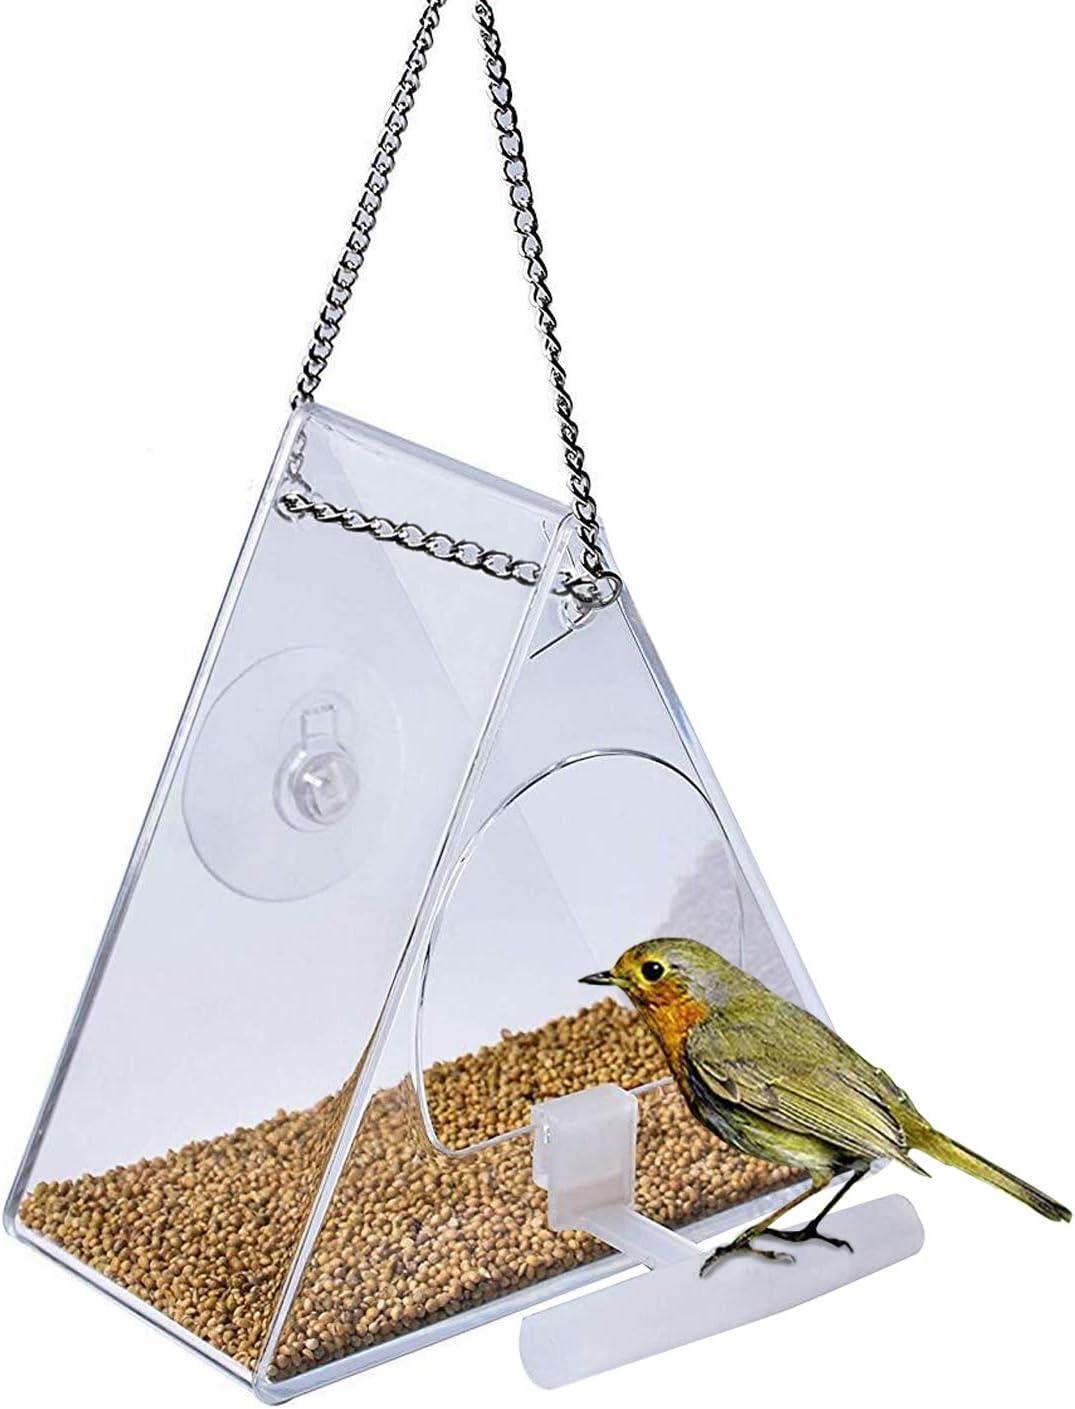 Comedero para Pájaros Comedero Agapornis Aves Silvestres Comedero Grande para Pájaros con Ventosas Acrílico Transparente para Pájaros Colgante Cojzlx Pajarera de Jardín Alimentador de Contenedor